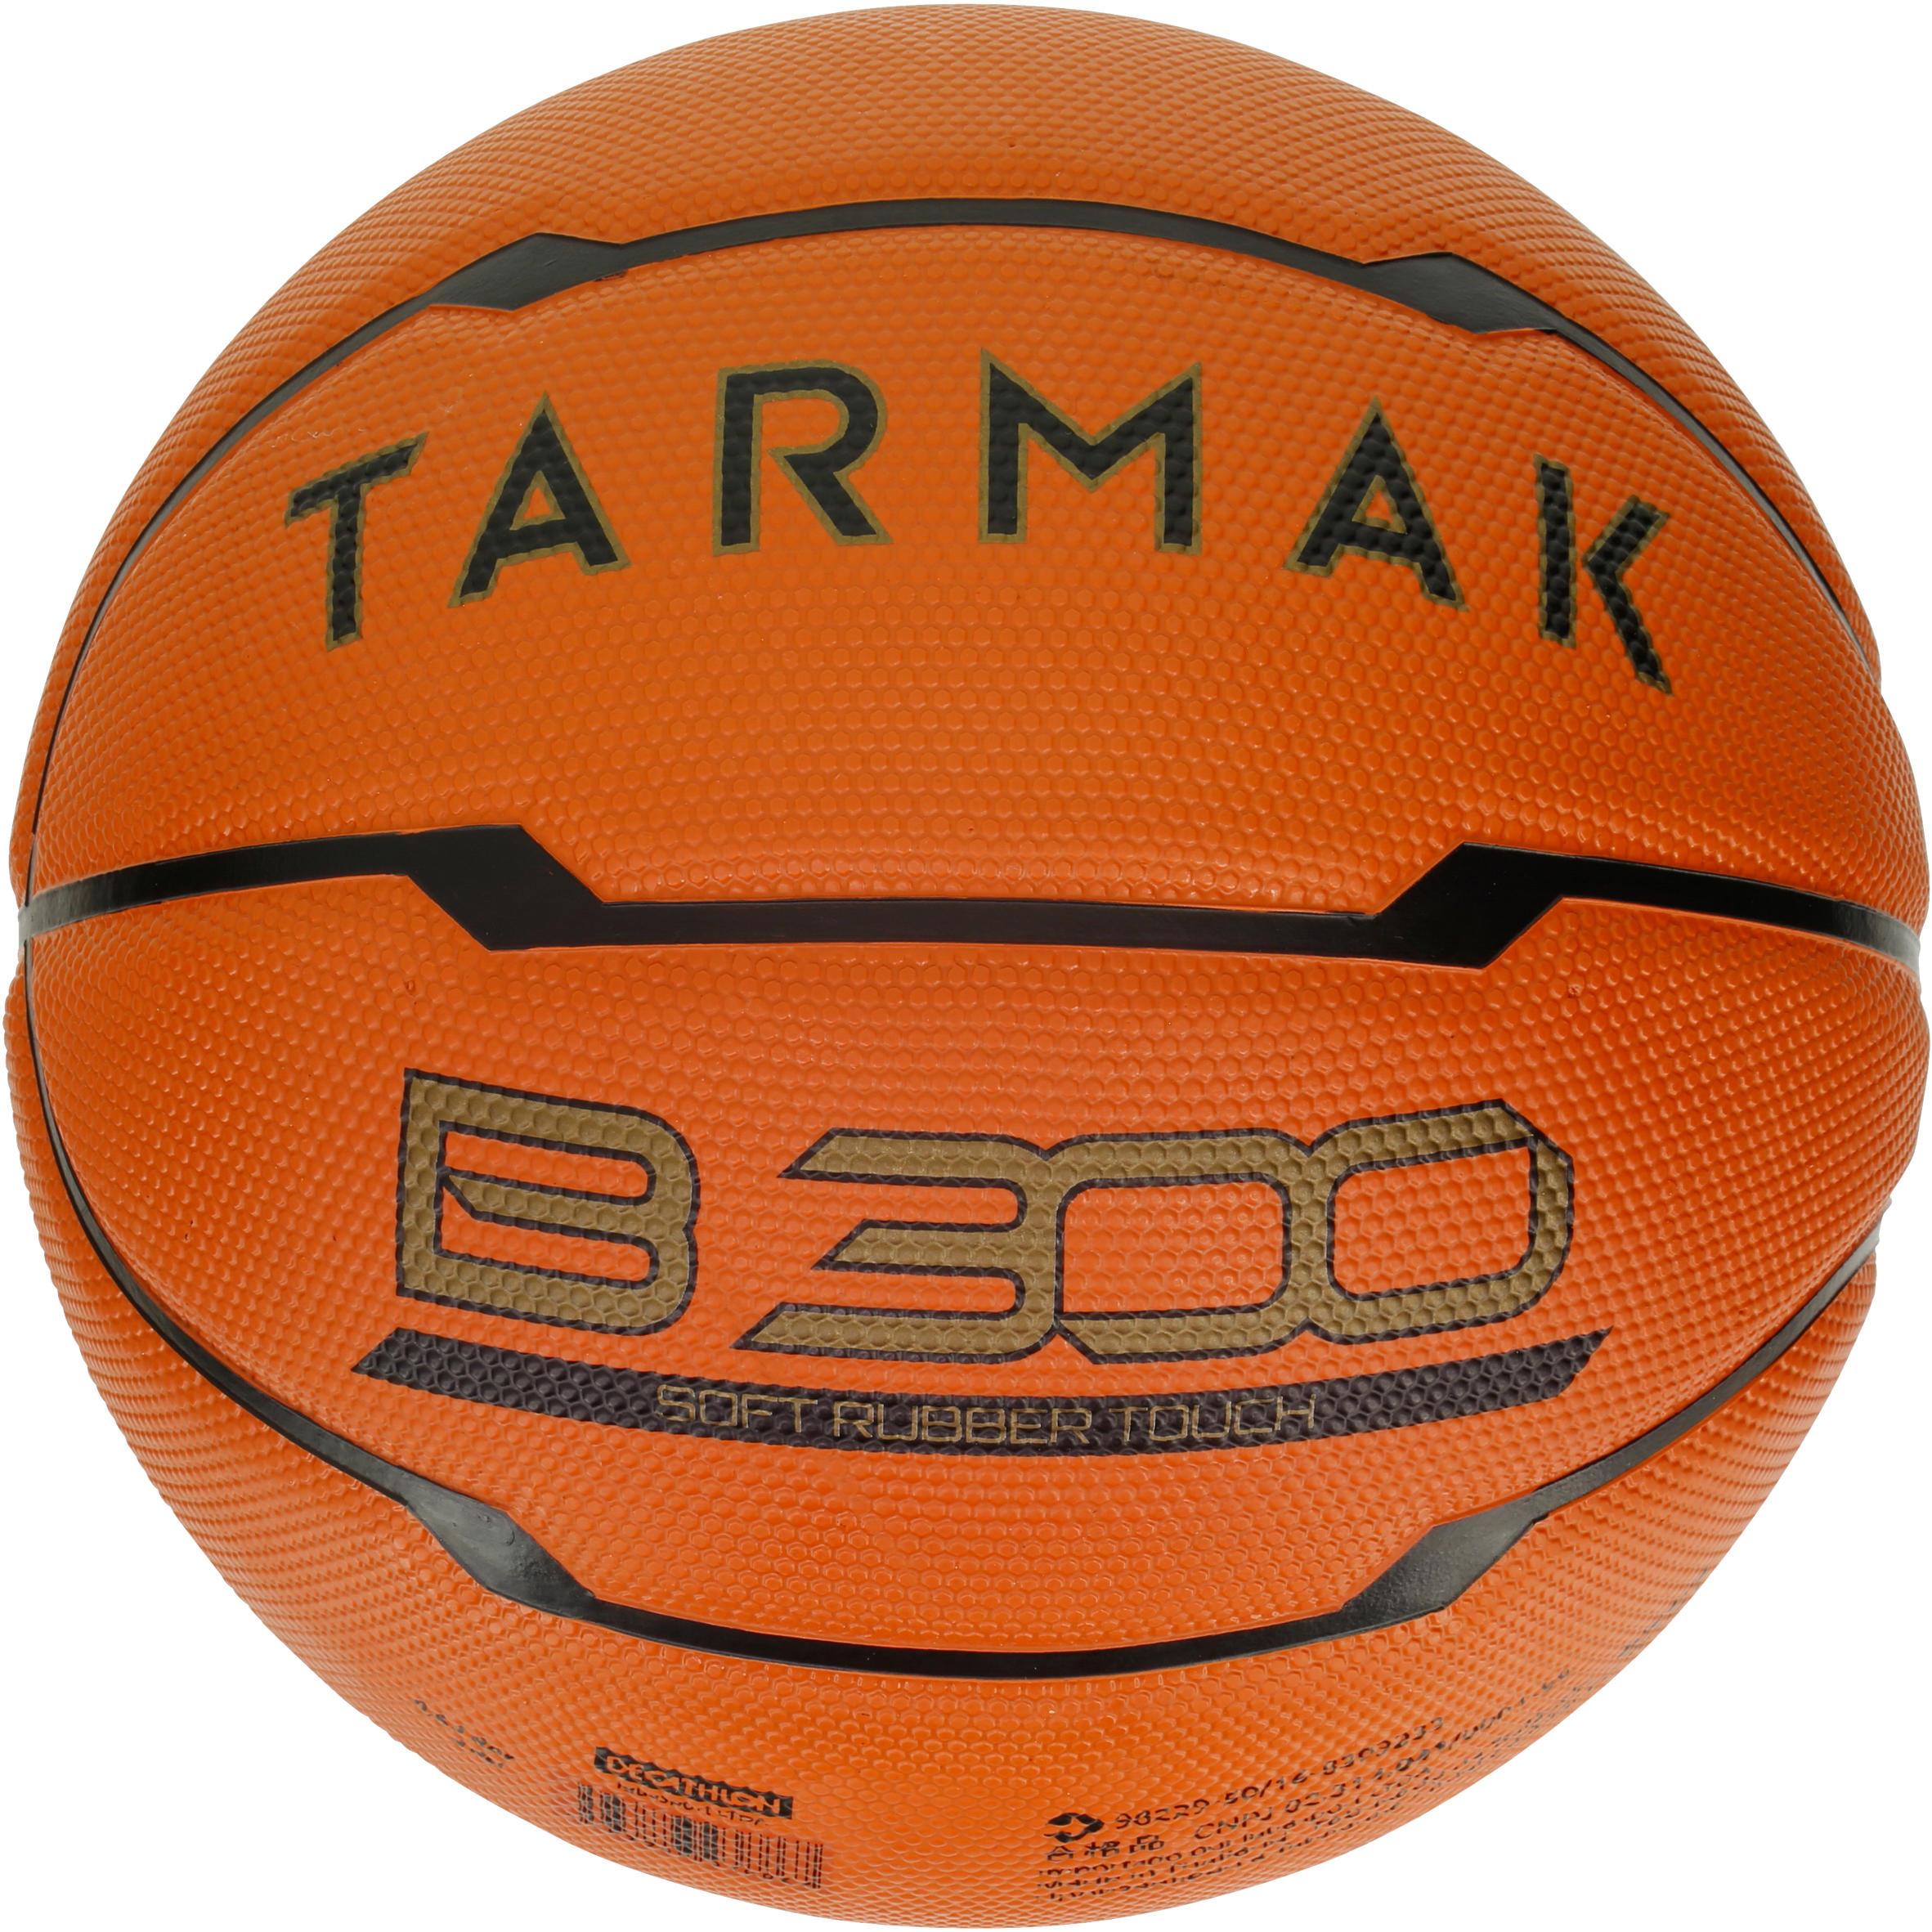 B300 Size 7 Adult Basketball - Orange